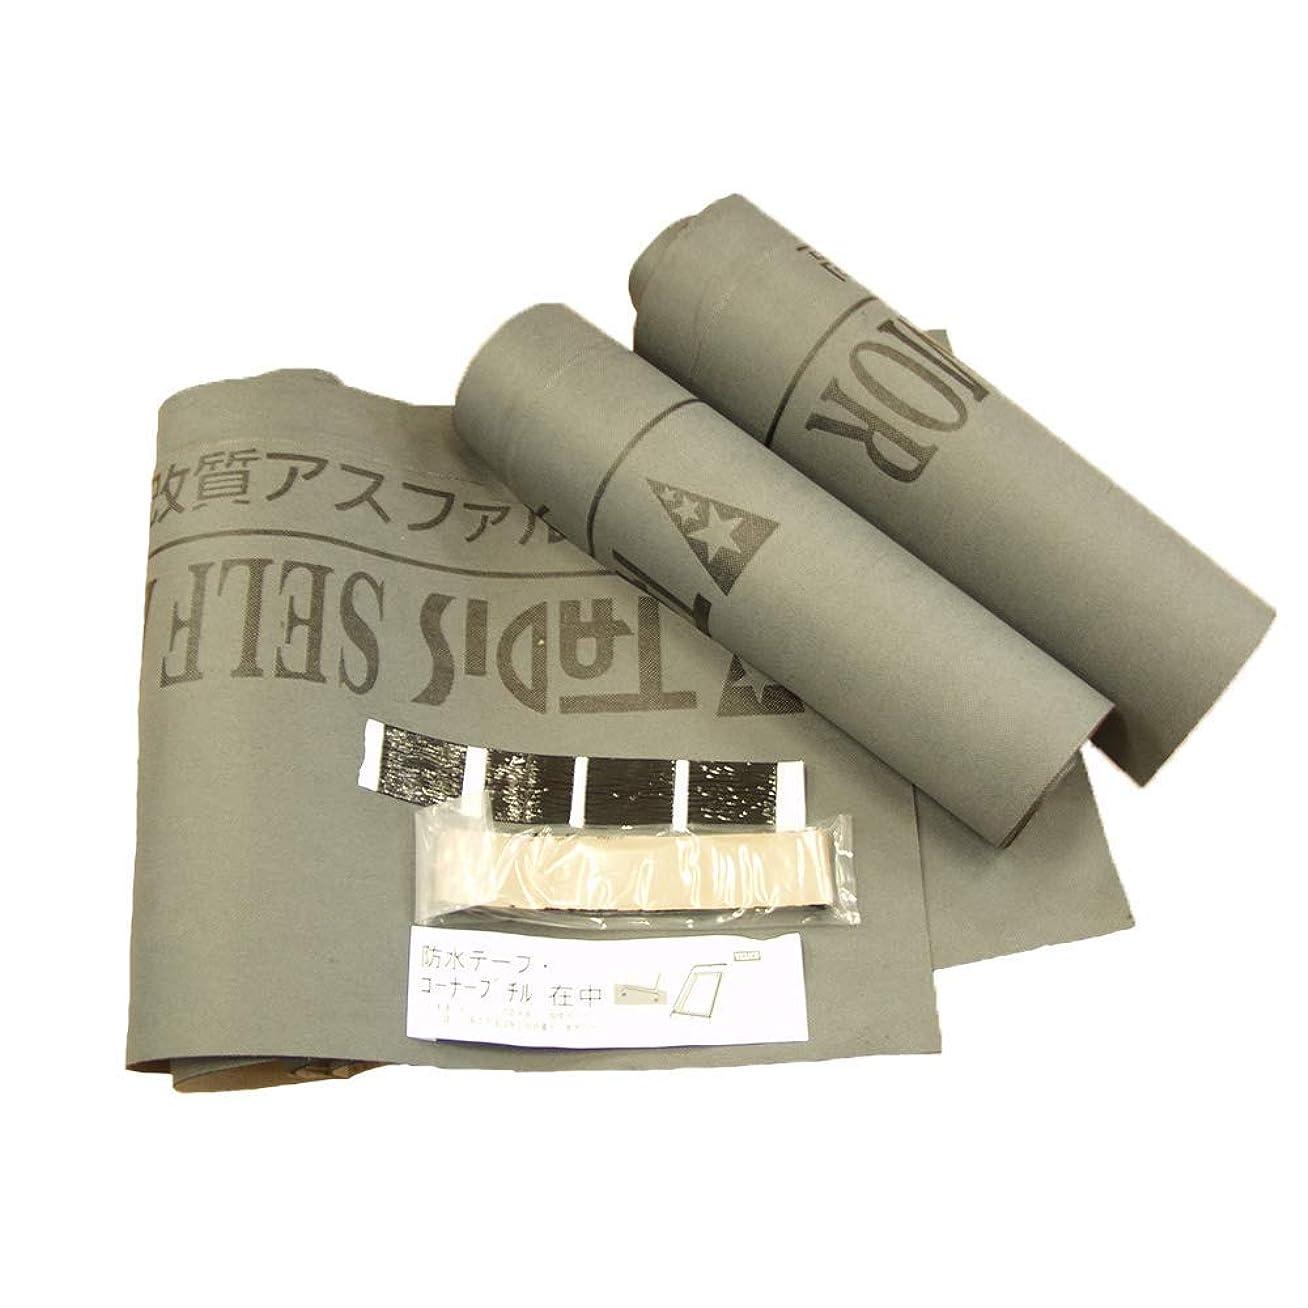 ベンチオデュッセウスビームVELUX ベルックス 天窓 天窓交換用防水シート Large REK L 防水テープ、コーナーブチル付き